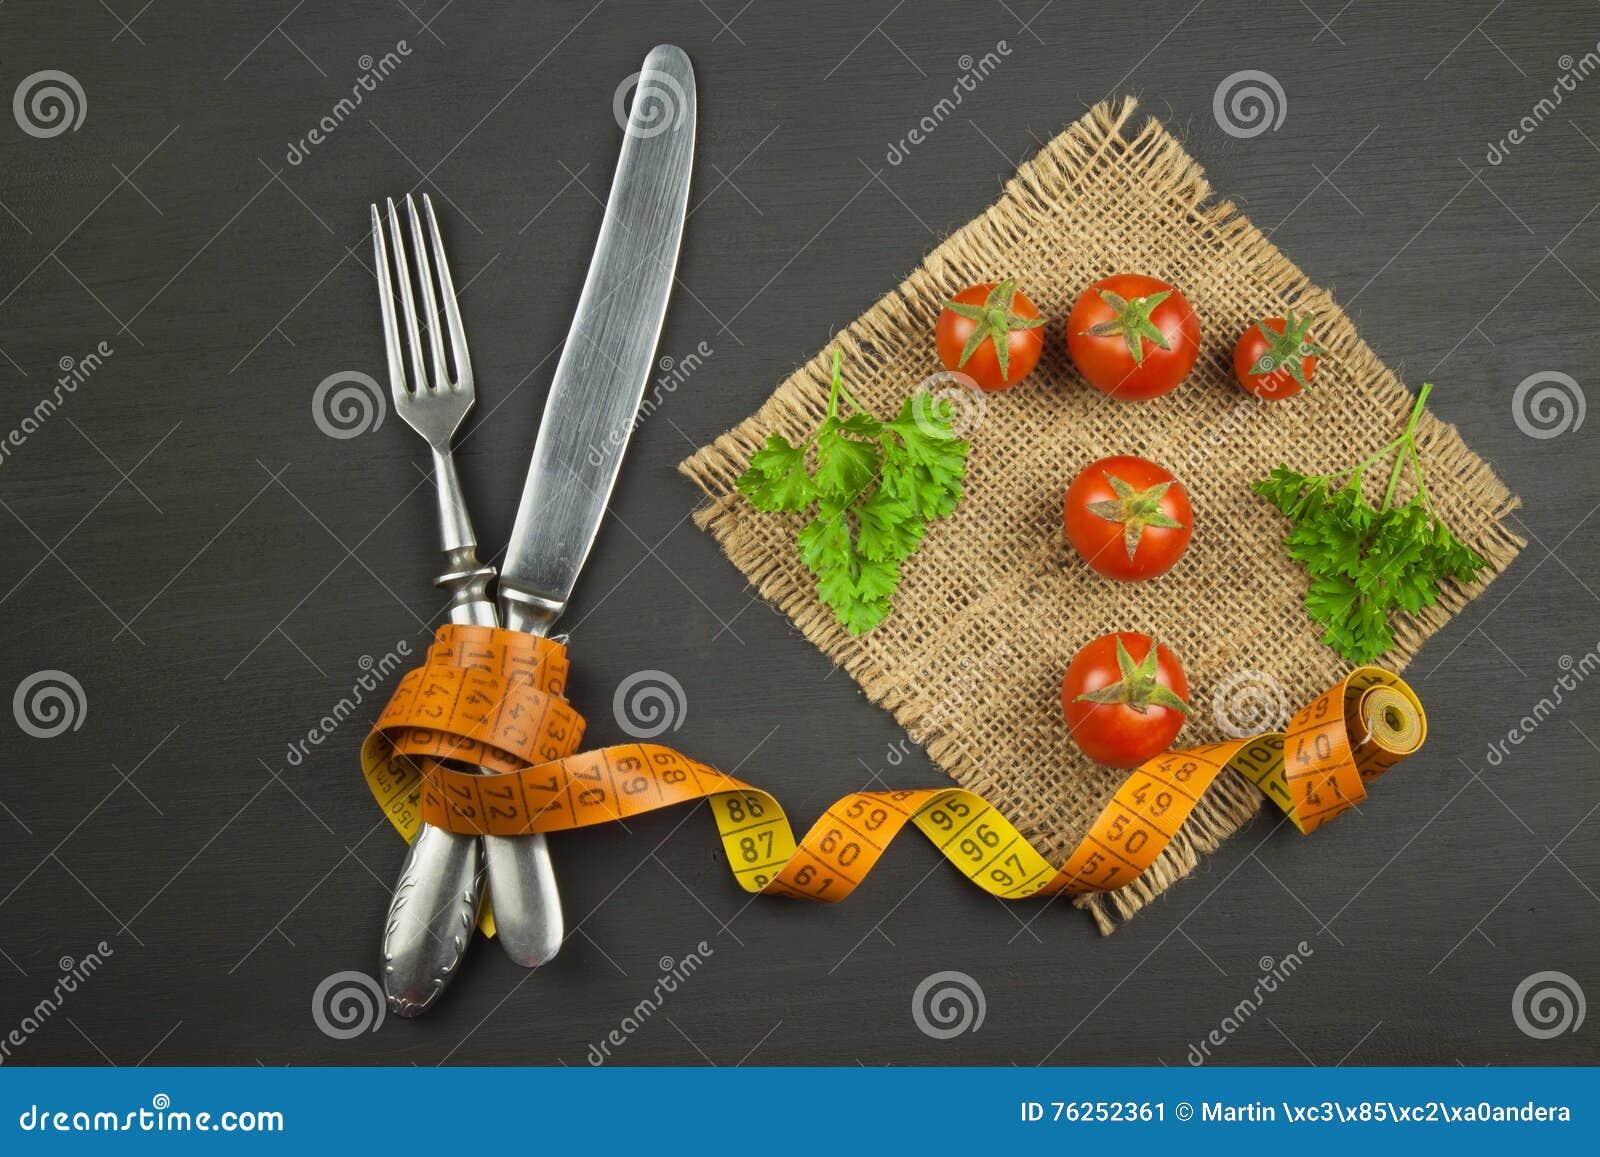 Tomaten wie Diätlebensmittel Vorbereiten von gesunden Mahlzeiten Frischgemüse auf einer hölzernen Tabelle